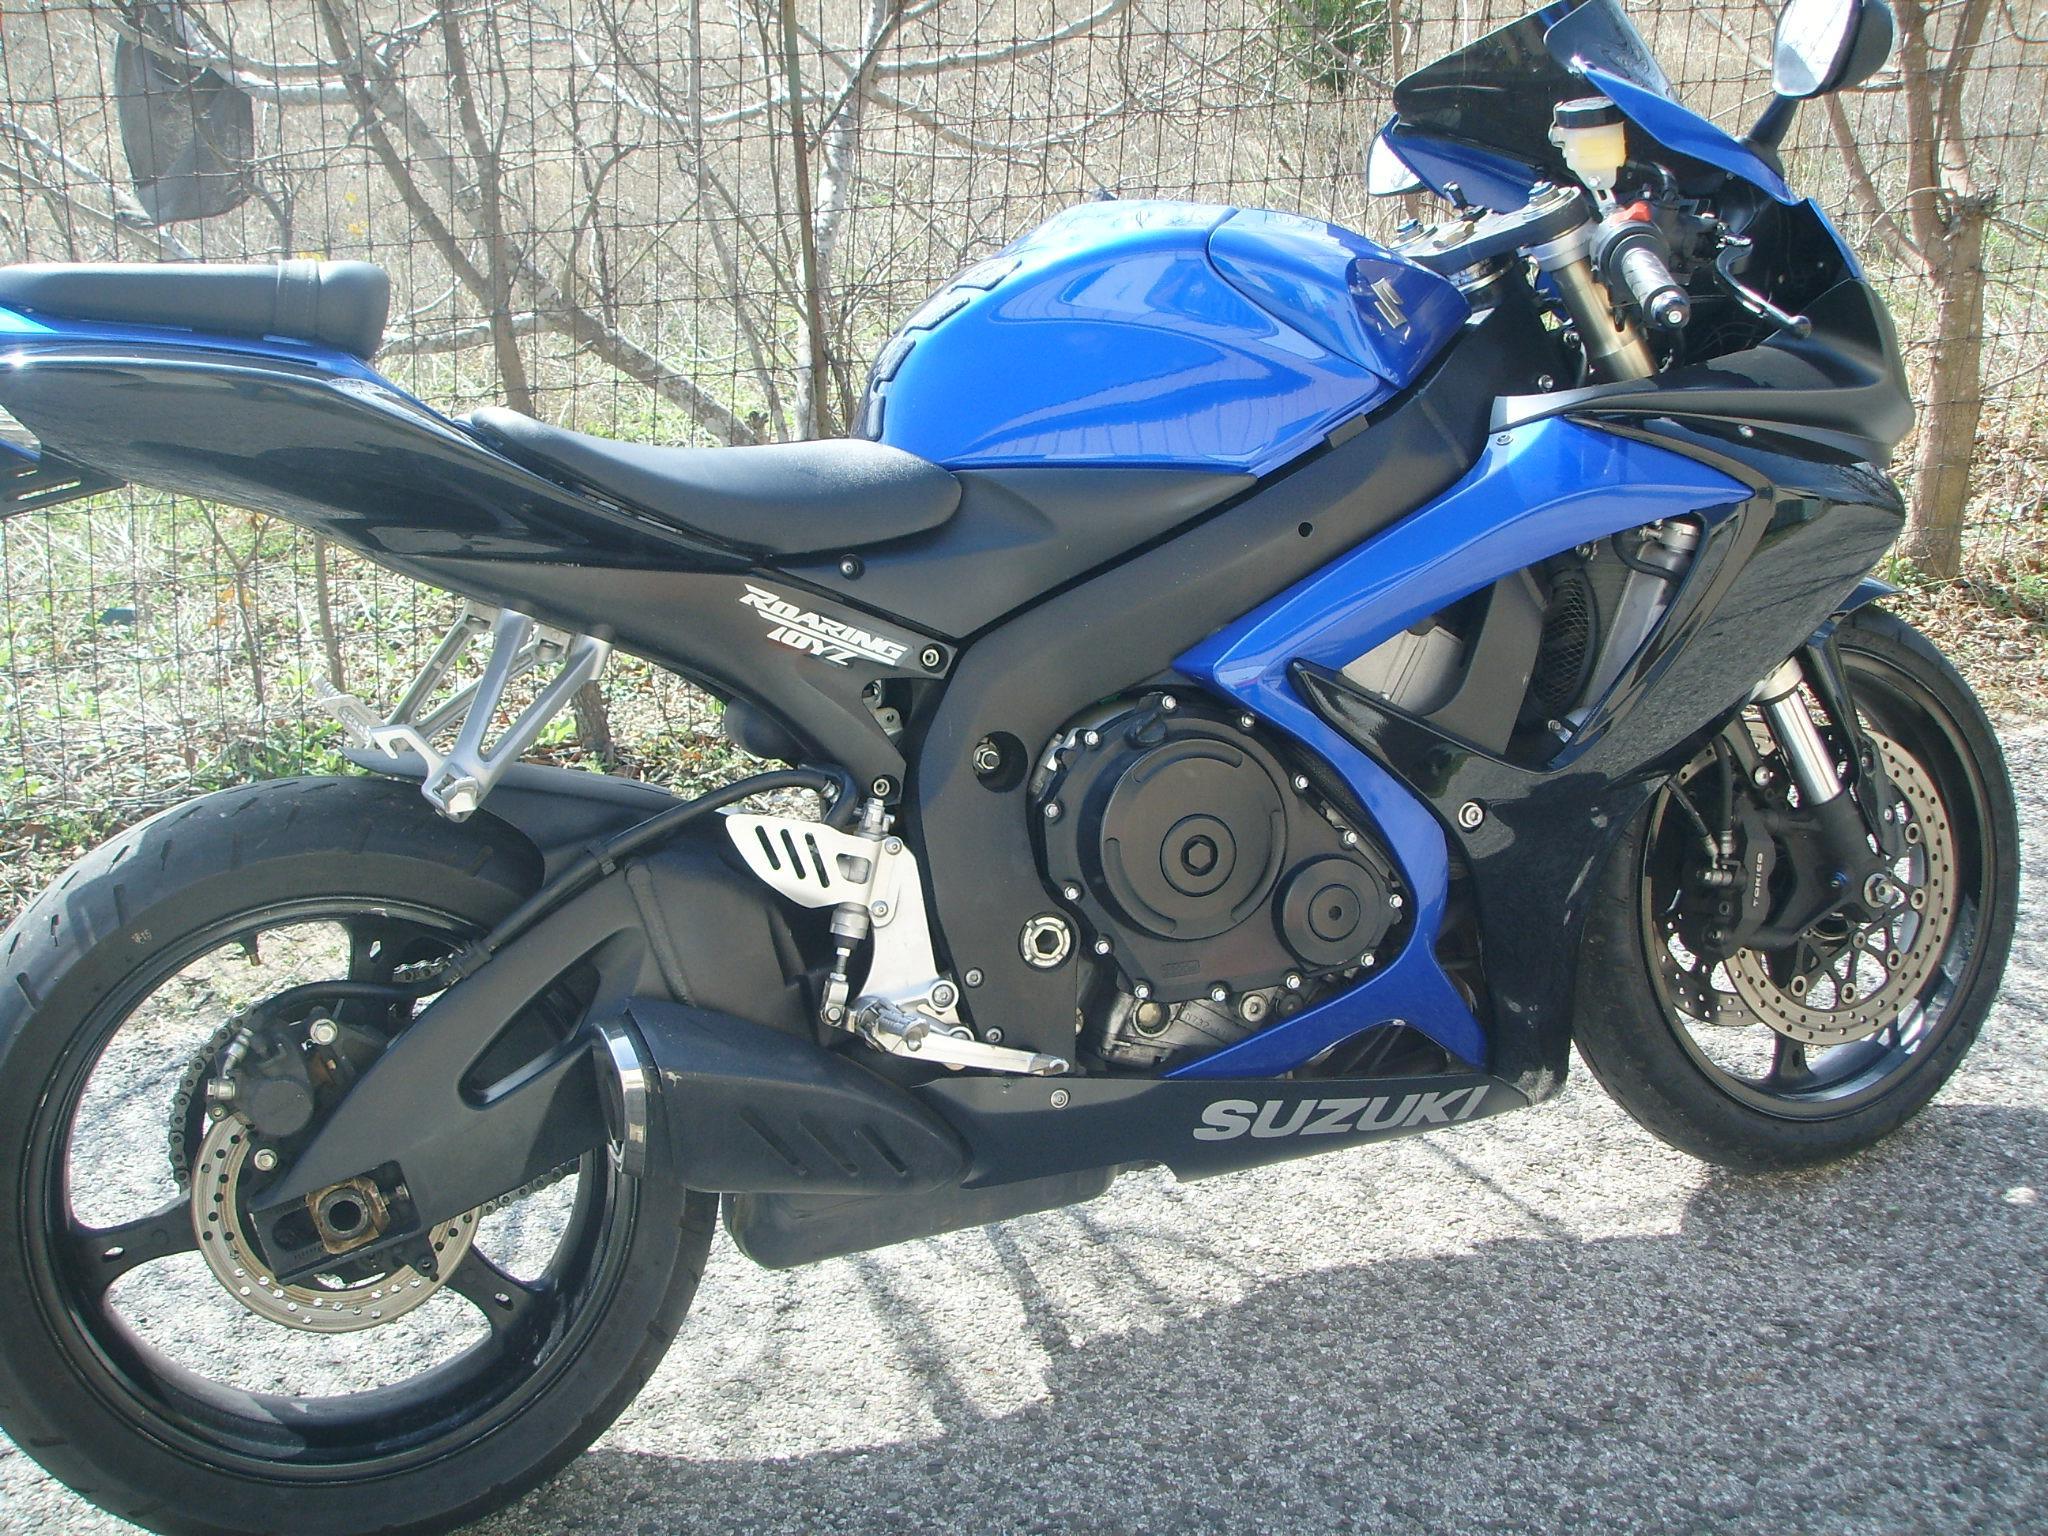 Team scream motorcycles sales - Team Scream Motorcycles Sales